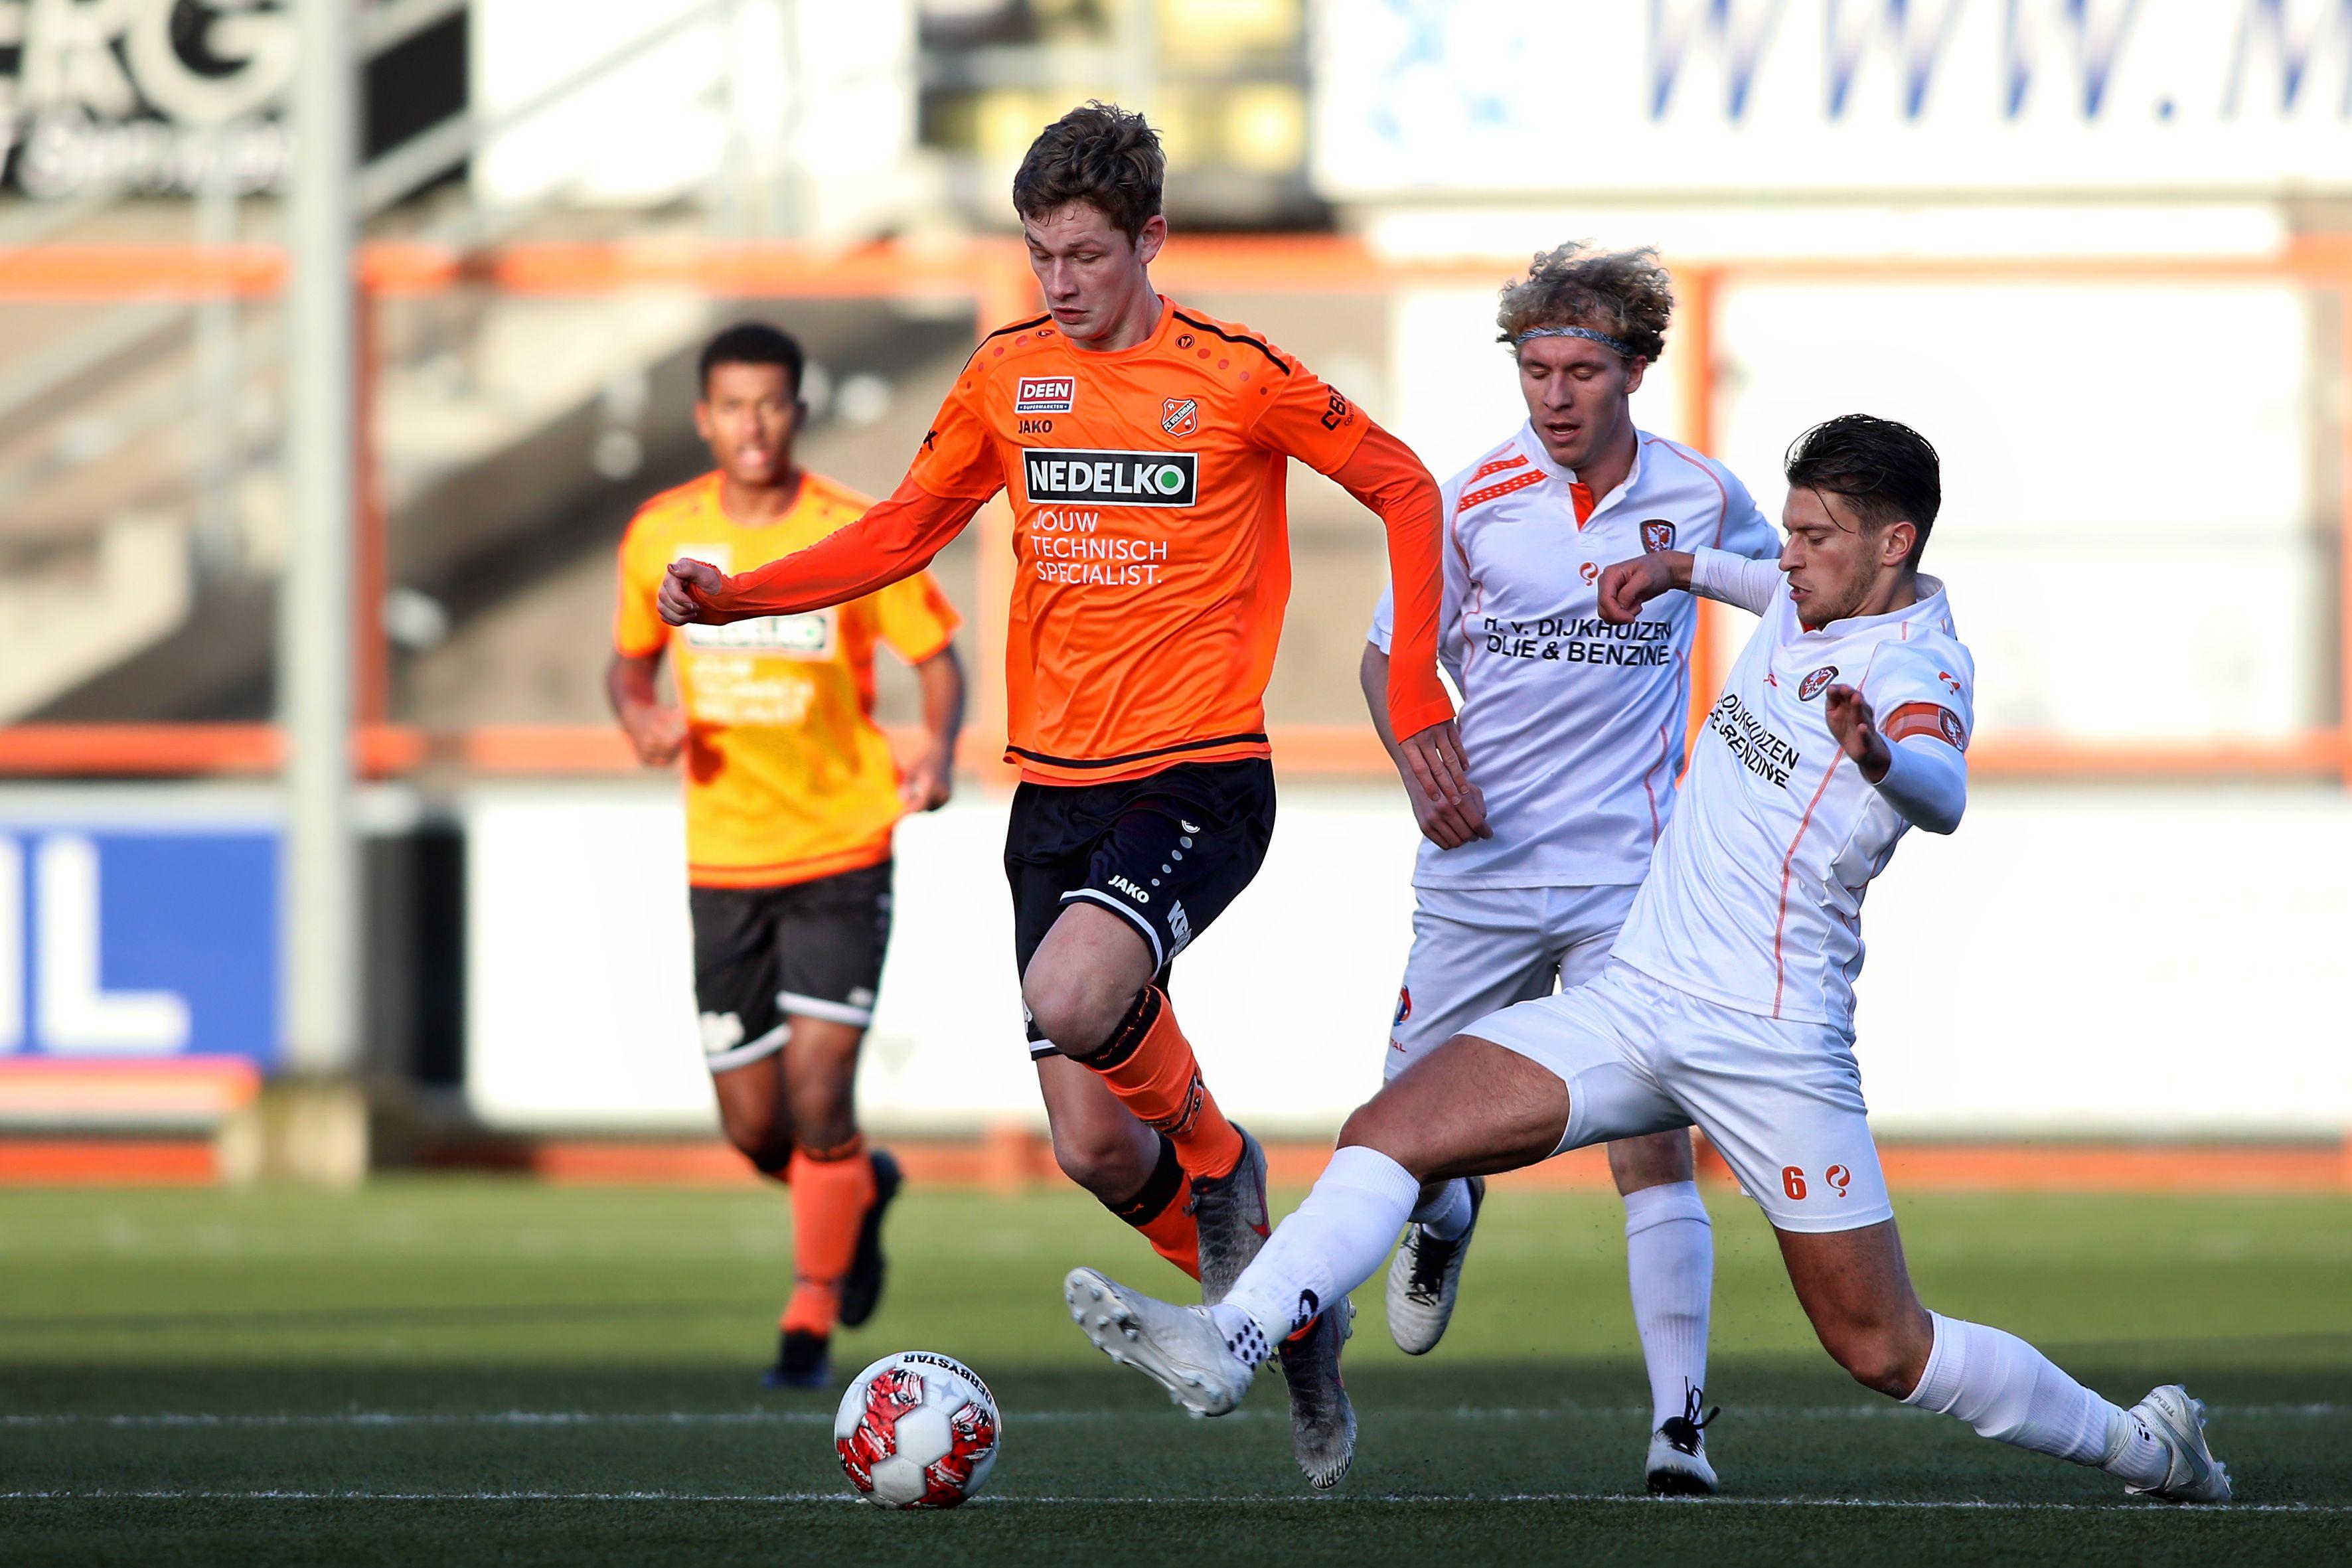 Zeer belangrijke overwinning Jong FC Volendam